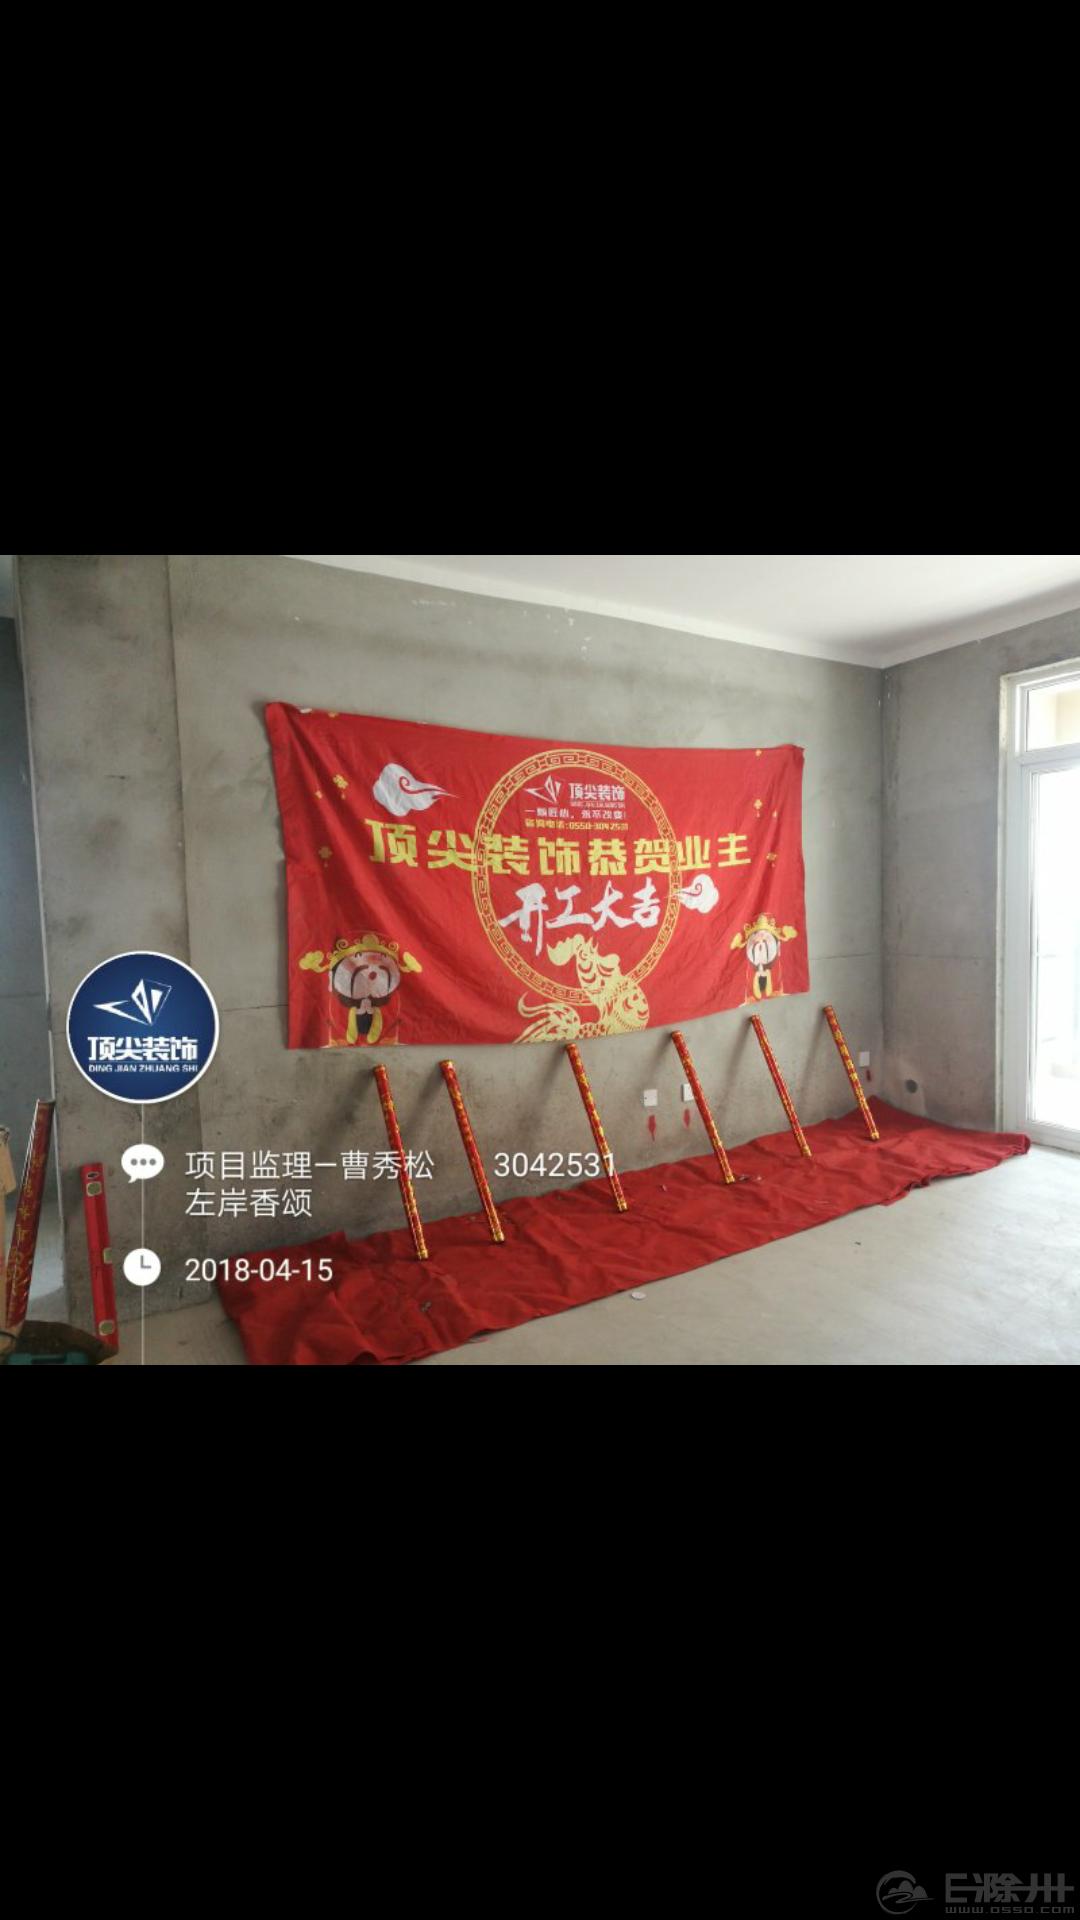 Screenshot_2018-04-15-18-40-30-613_com.tencent.mm.png